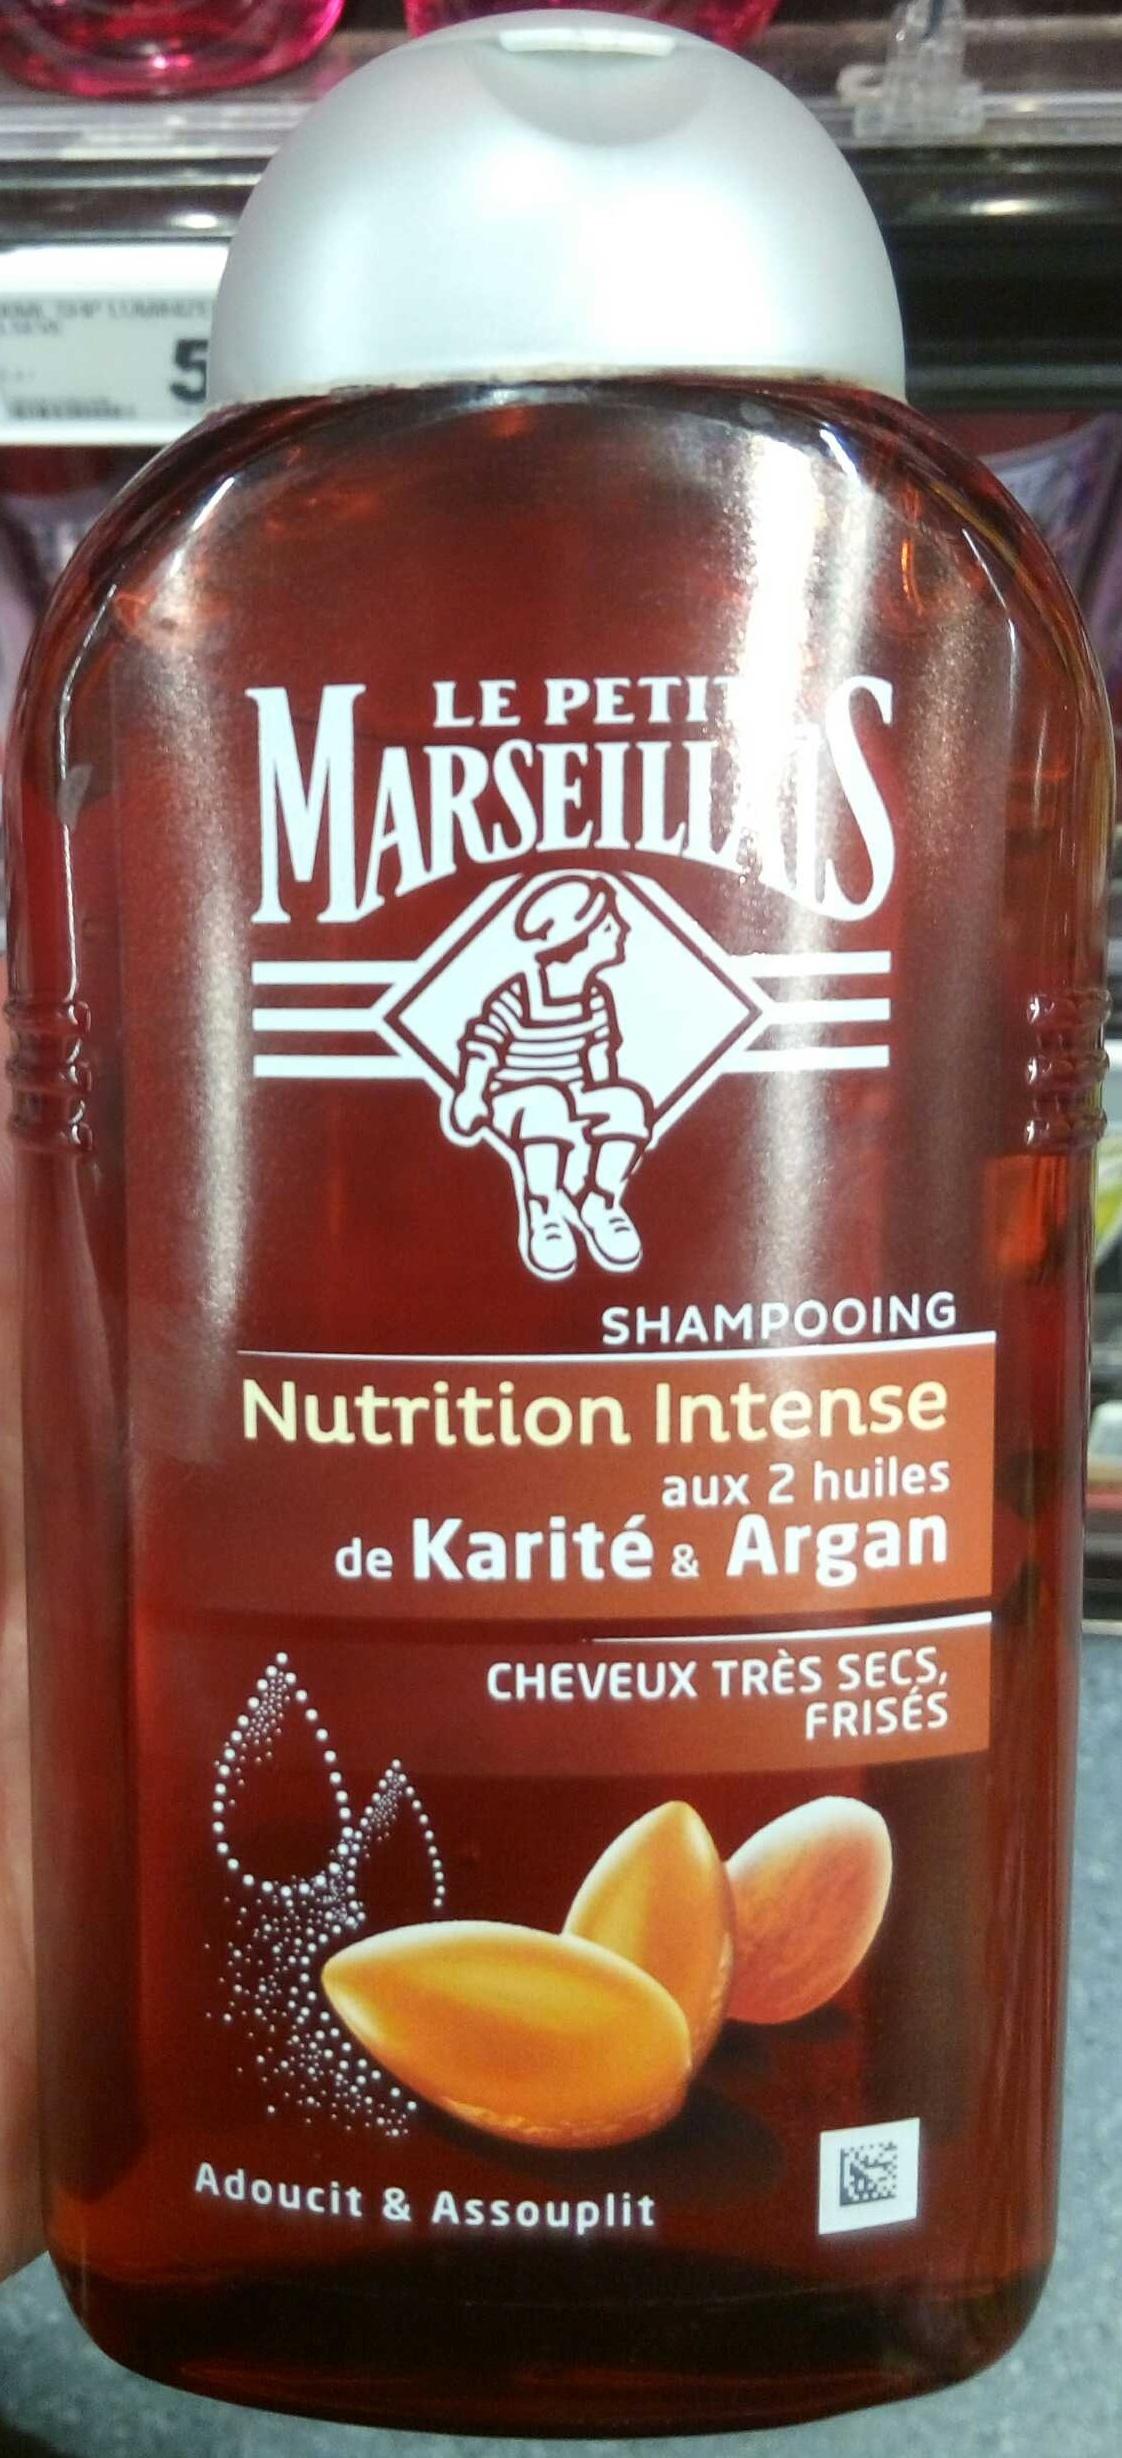 Shampooing Nutrition Intense aux 2 huiles de Karité & Argan - Produit